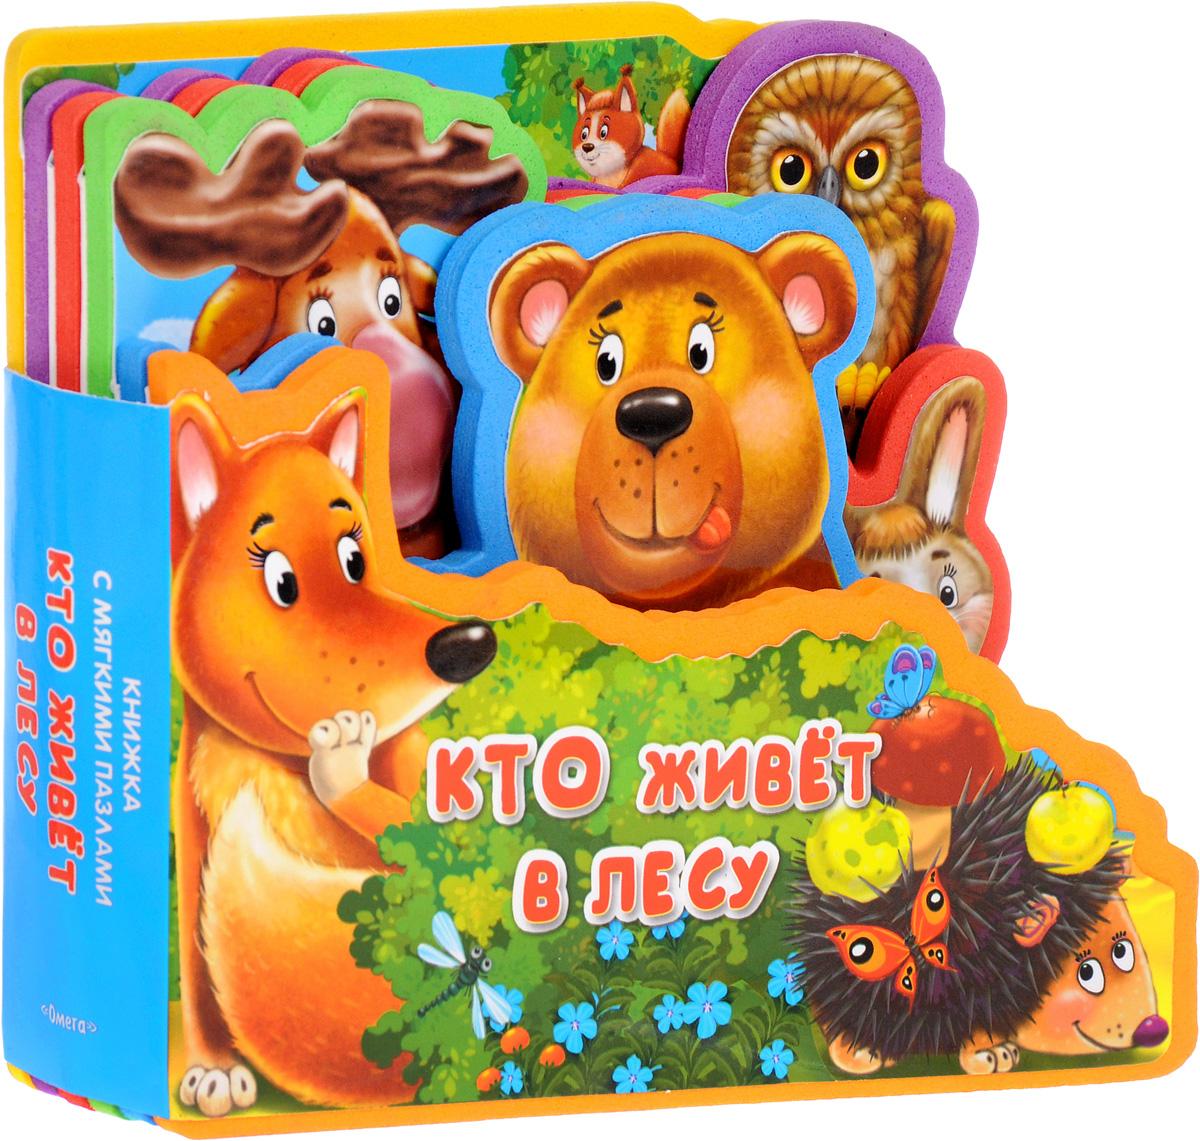 Кто живет в лесу. Книжка-игрушка какой велик годовалому малышу